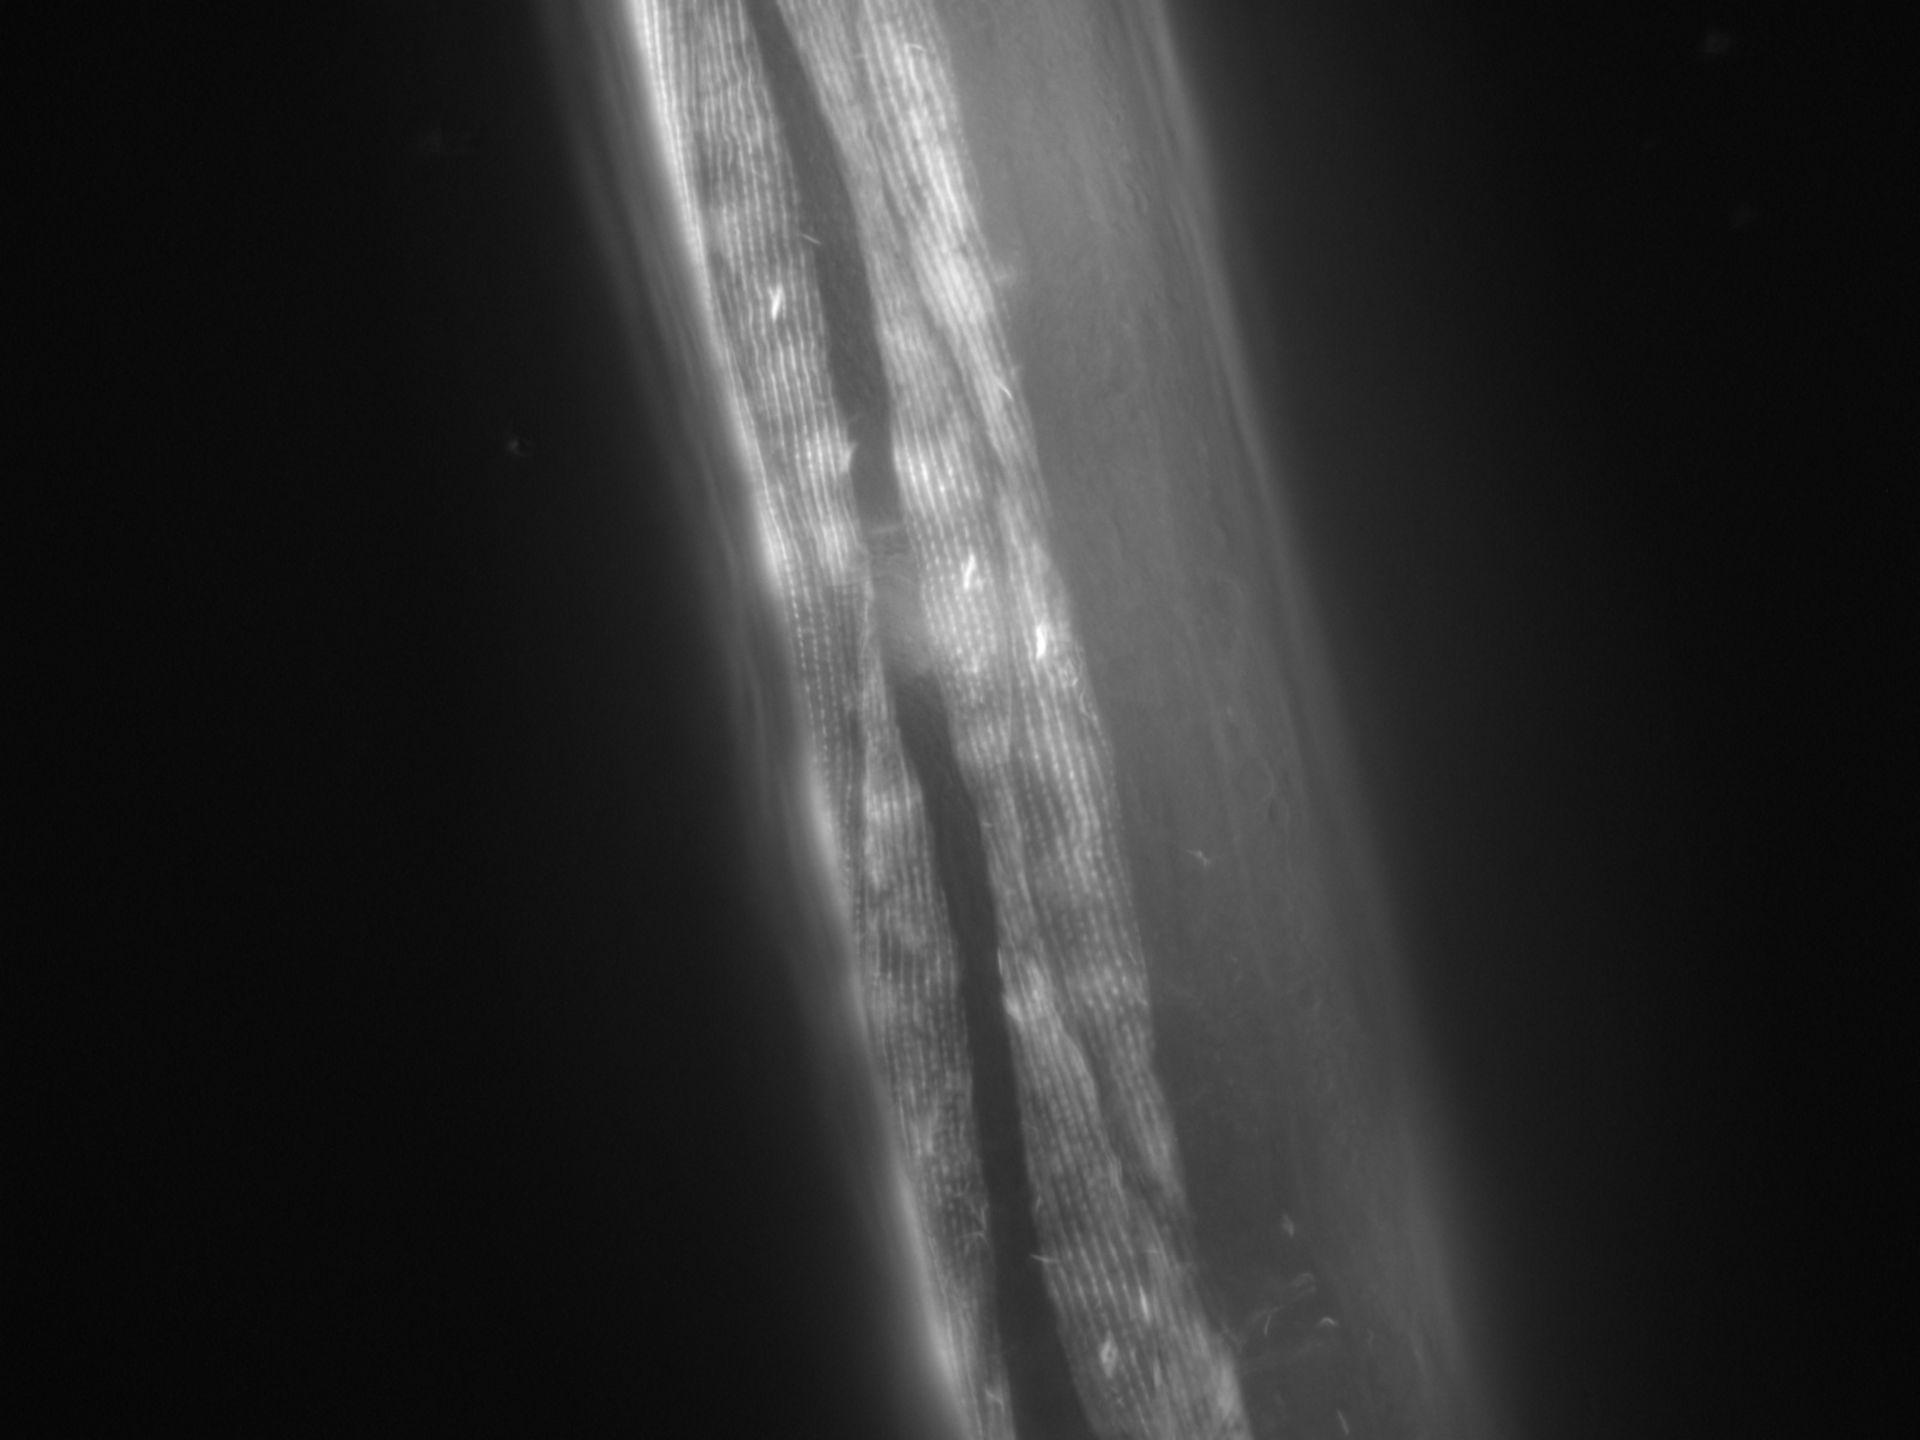 Caenorhabditis elegans (Actin filament) - CIL:1011